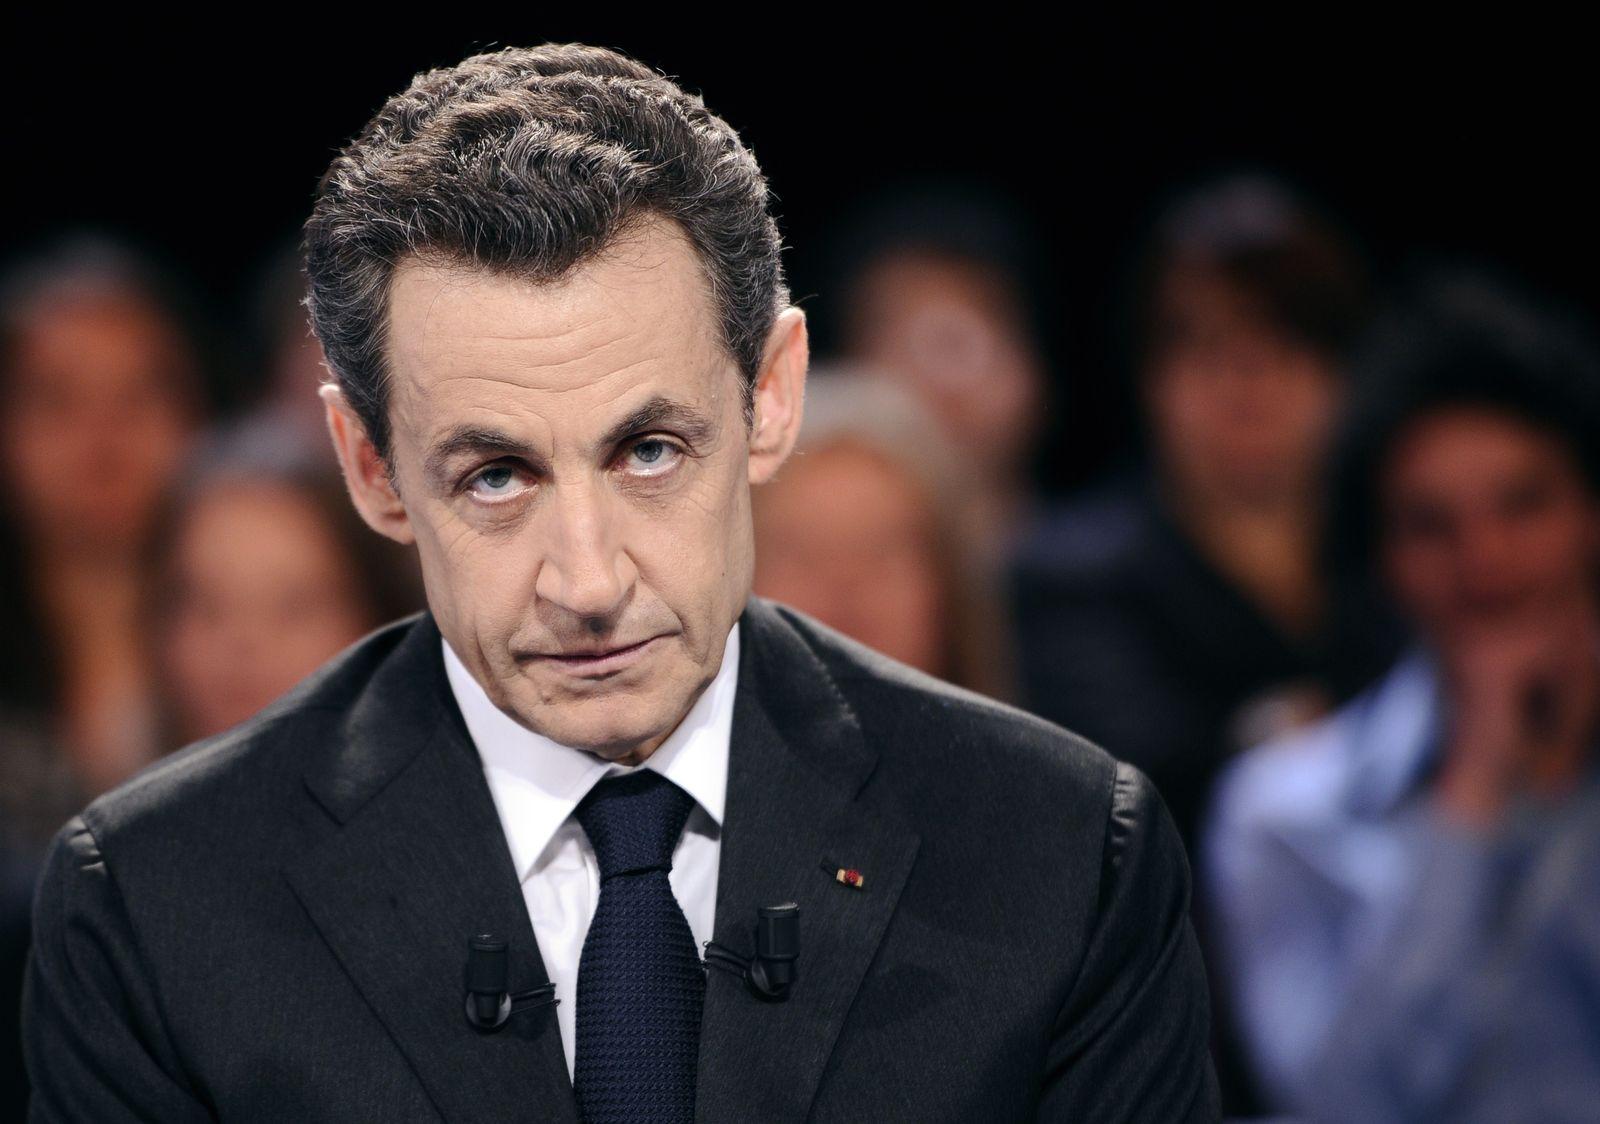 Sarkozy campaign